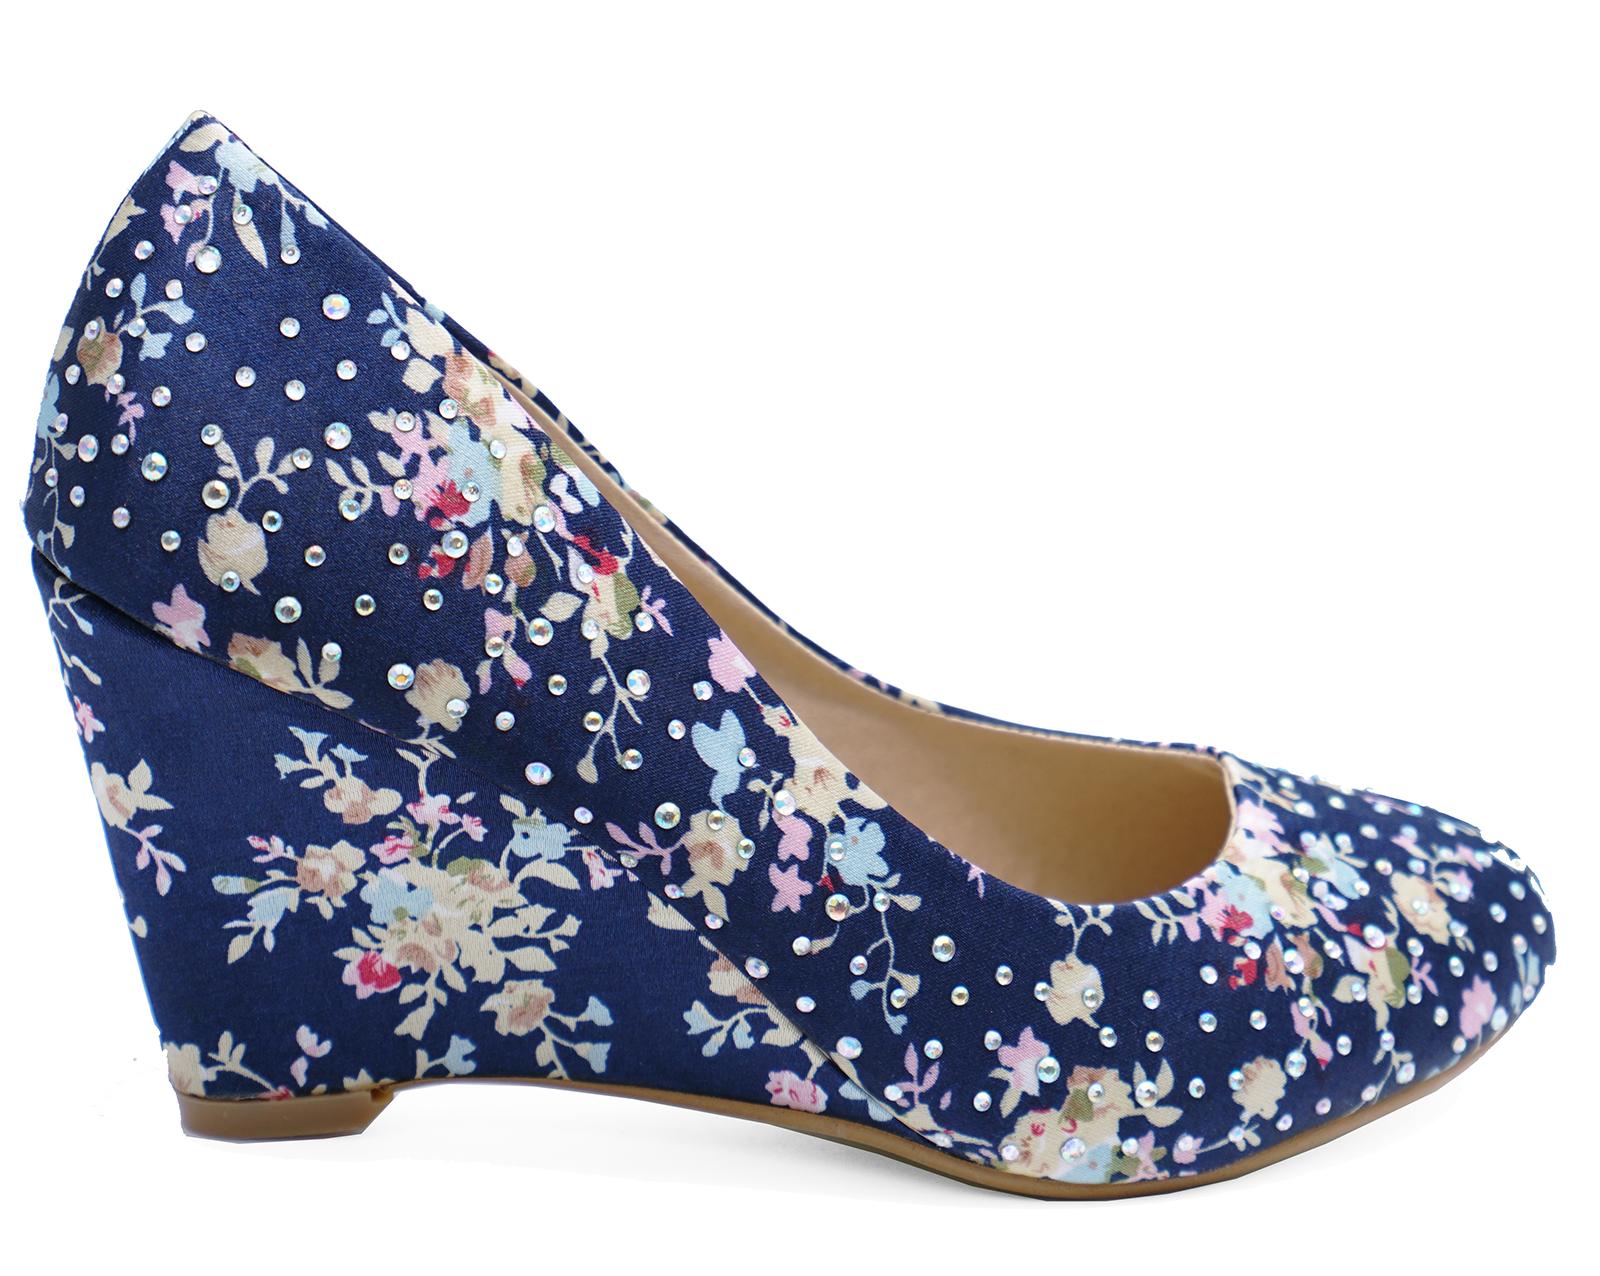 72bc7112797 Navy Blue Wedding Dress Shoes   Saddha